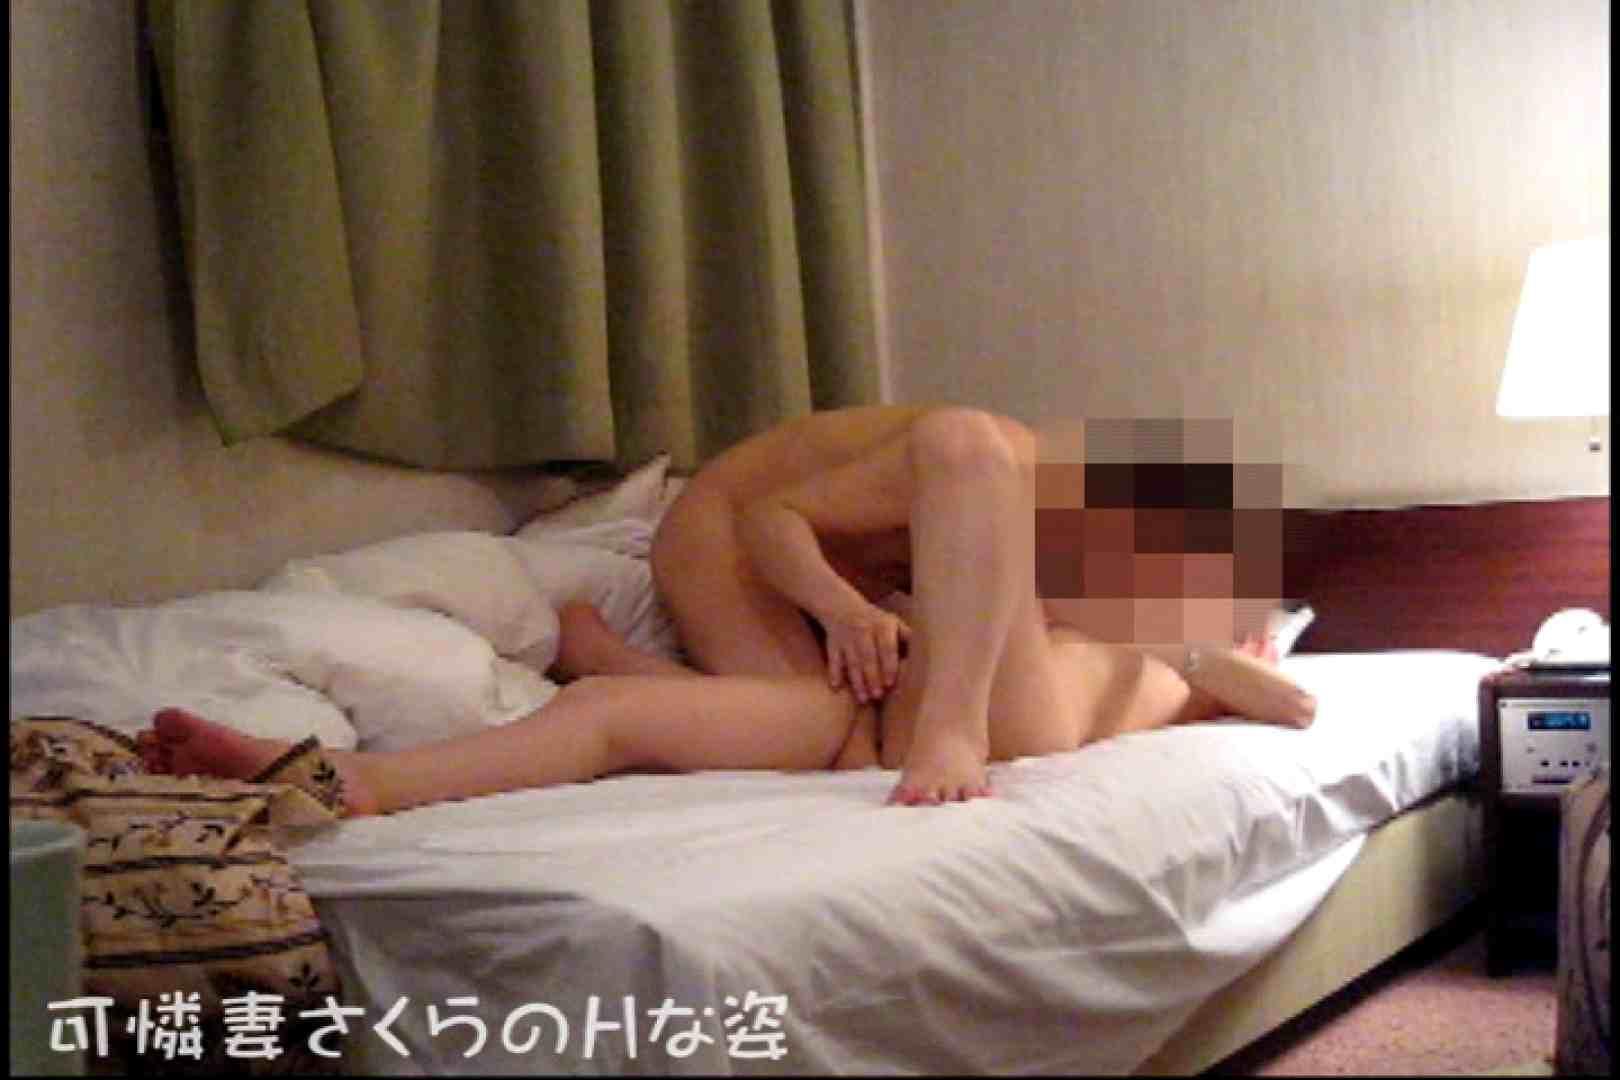 可憐妻さくらのHな姿vol.5前編 エッチなOL AV動画キャプチャ 50pic 14